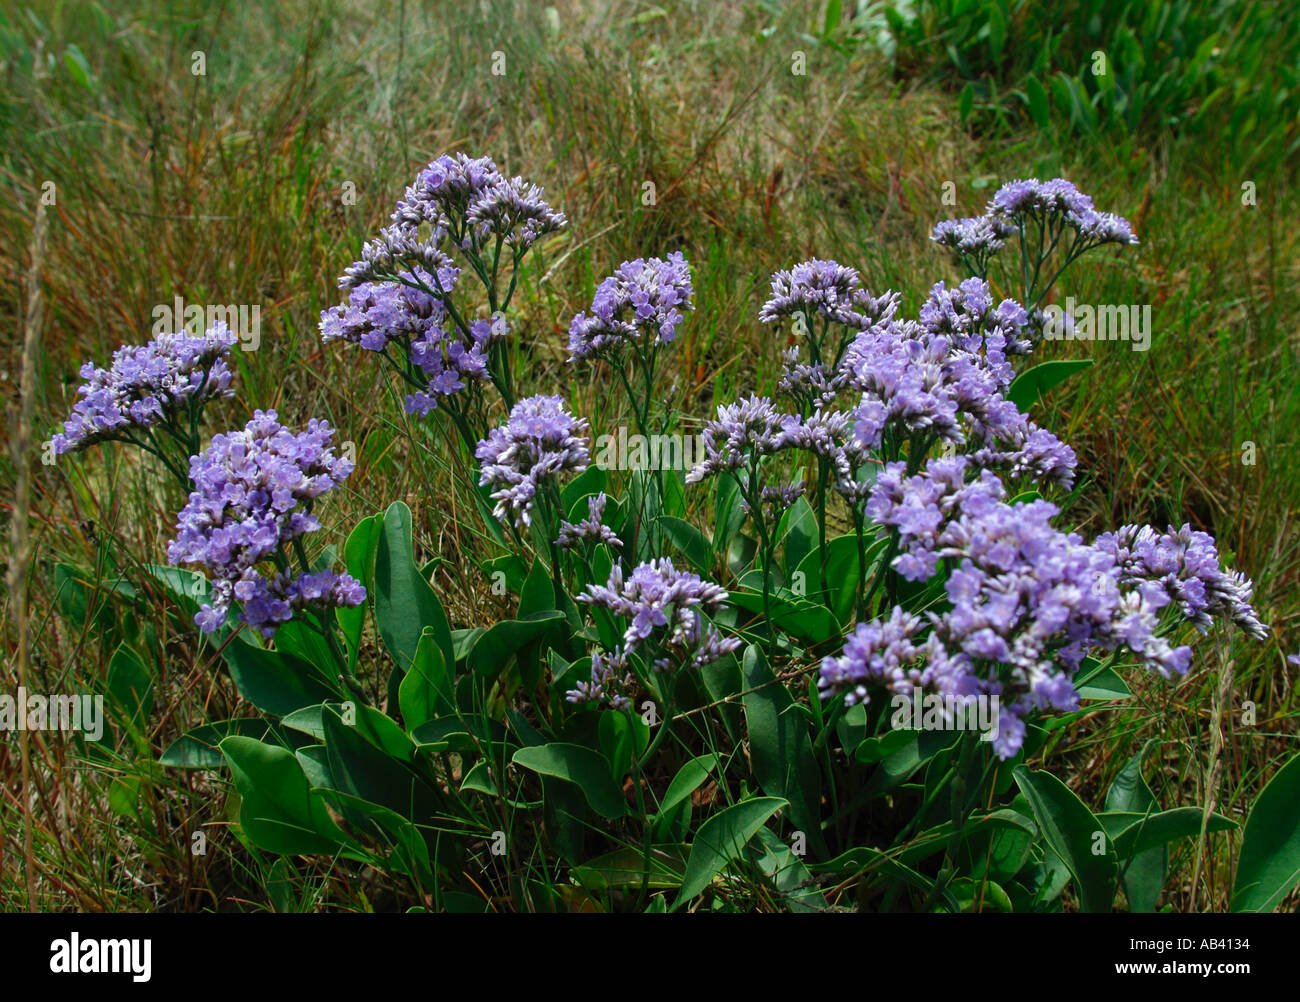 Image Gallery limonium latifolium